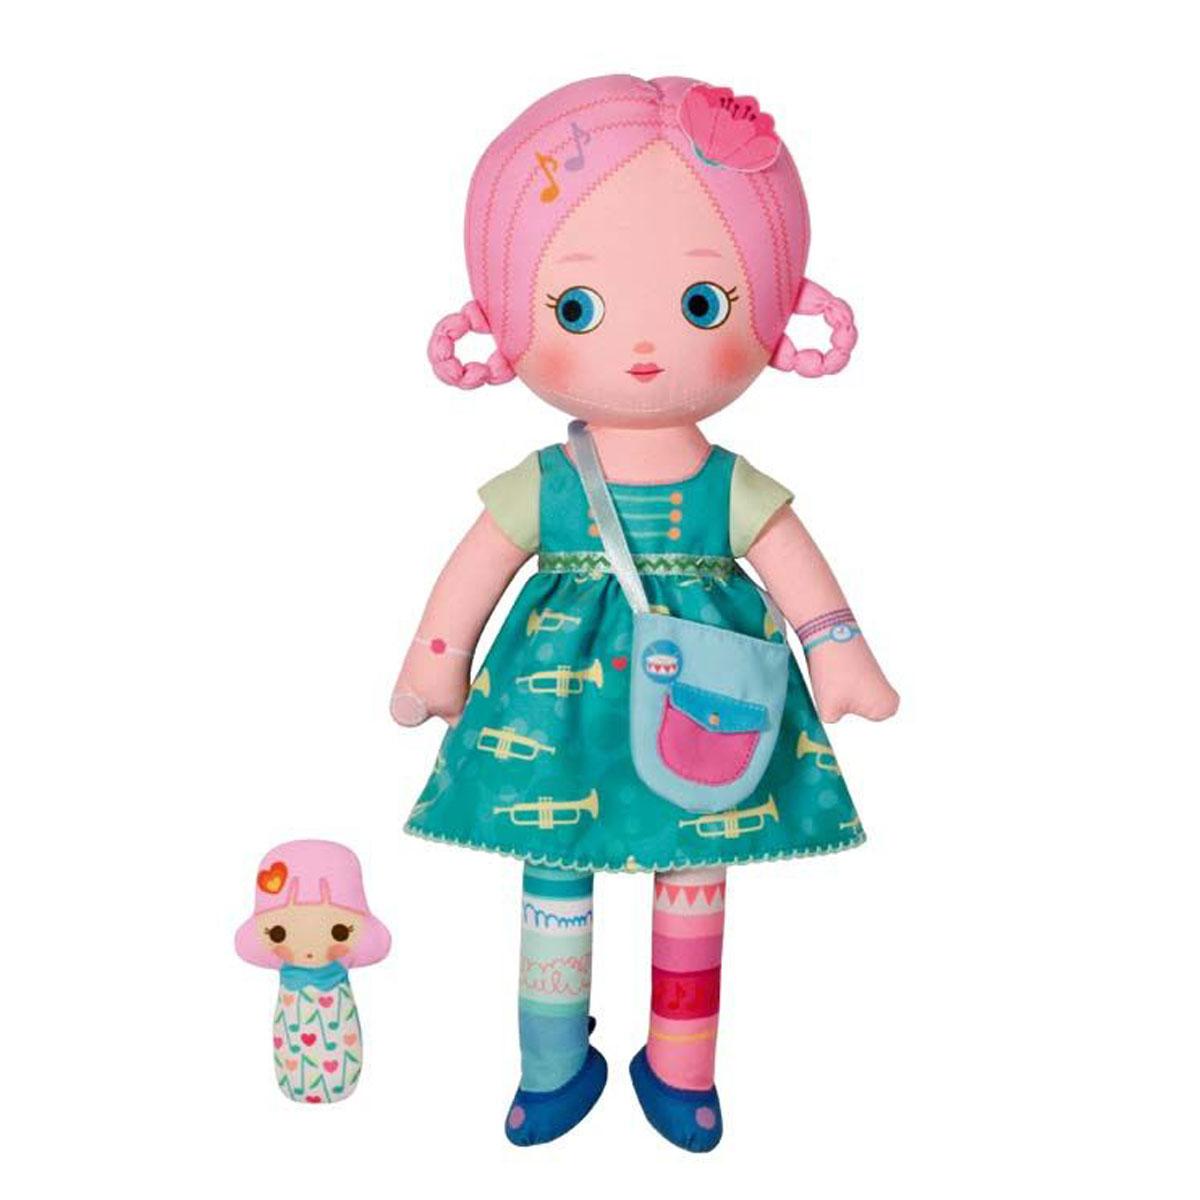 Mooshka Кукла Nessa940-266_NESSAОчаровательная мягкая кукла Кукла Mooshka Nessa непременно станет любимой игрушкой вашей малышки. Кукла выполнена из приятного на ощупь текстиля и не имеет твердых элементов, что делает игру с ней безопасной даже для самых маленьких малышей. Куколка одета в зеленое платье с пышной юбкой, украшенное оригинальным принтом. На ручках куклы расположены липучки, чтобы крепко держаться за руки с другими куколками. Также в комплект входит небольшая пальчиковая куколка, которая разнообразит игры малышки и позволит ей проявить свою фантазию, разыгрывая веселые представления. Трогательная мягкая куколка принесет радость и подарит своей обладательнице мгновения нежных объятий и приятных воспоминаний. Благодаря играм с куклой, ваша малышка сможет развить воображение и любознательность, овладеть навыками общения и научиться ответственности.